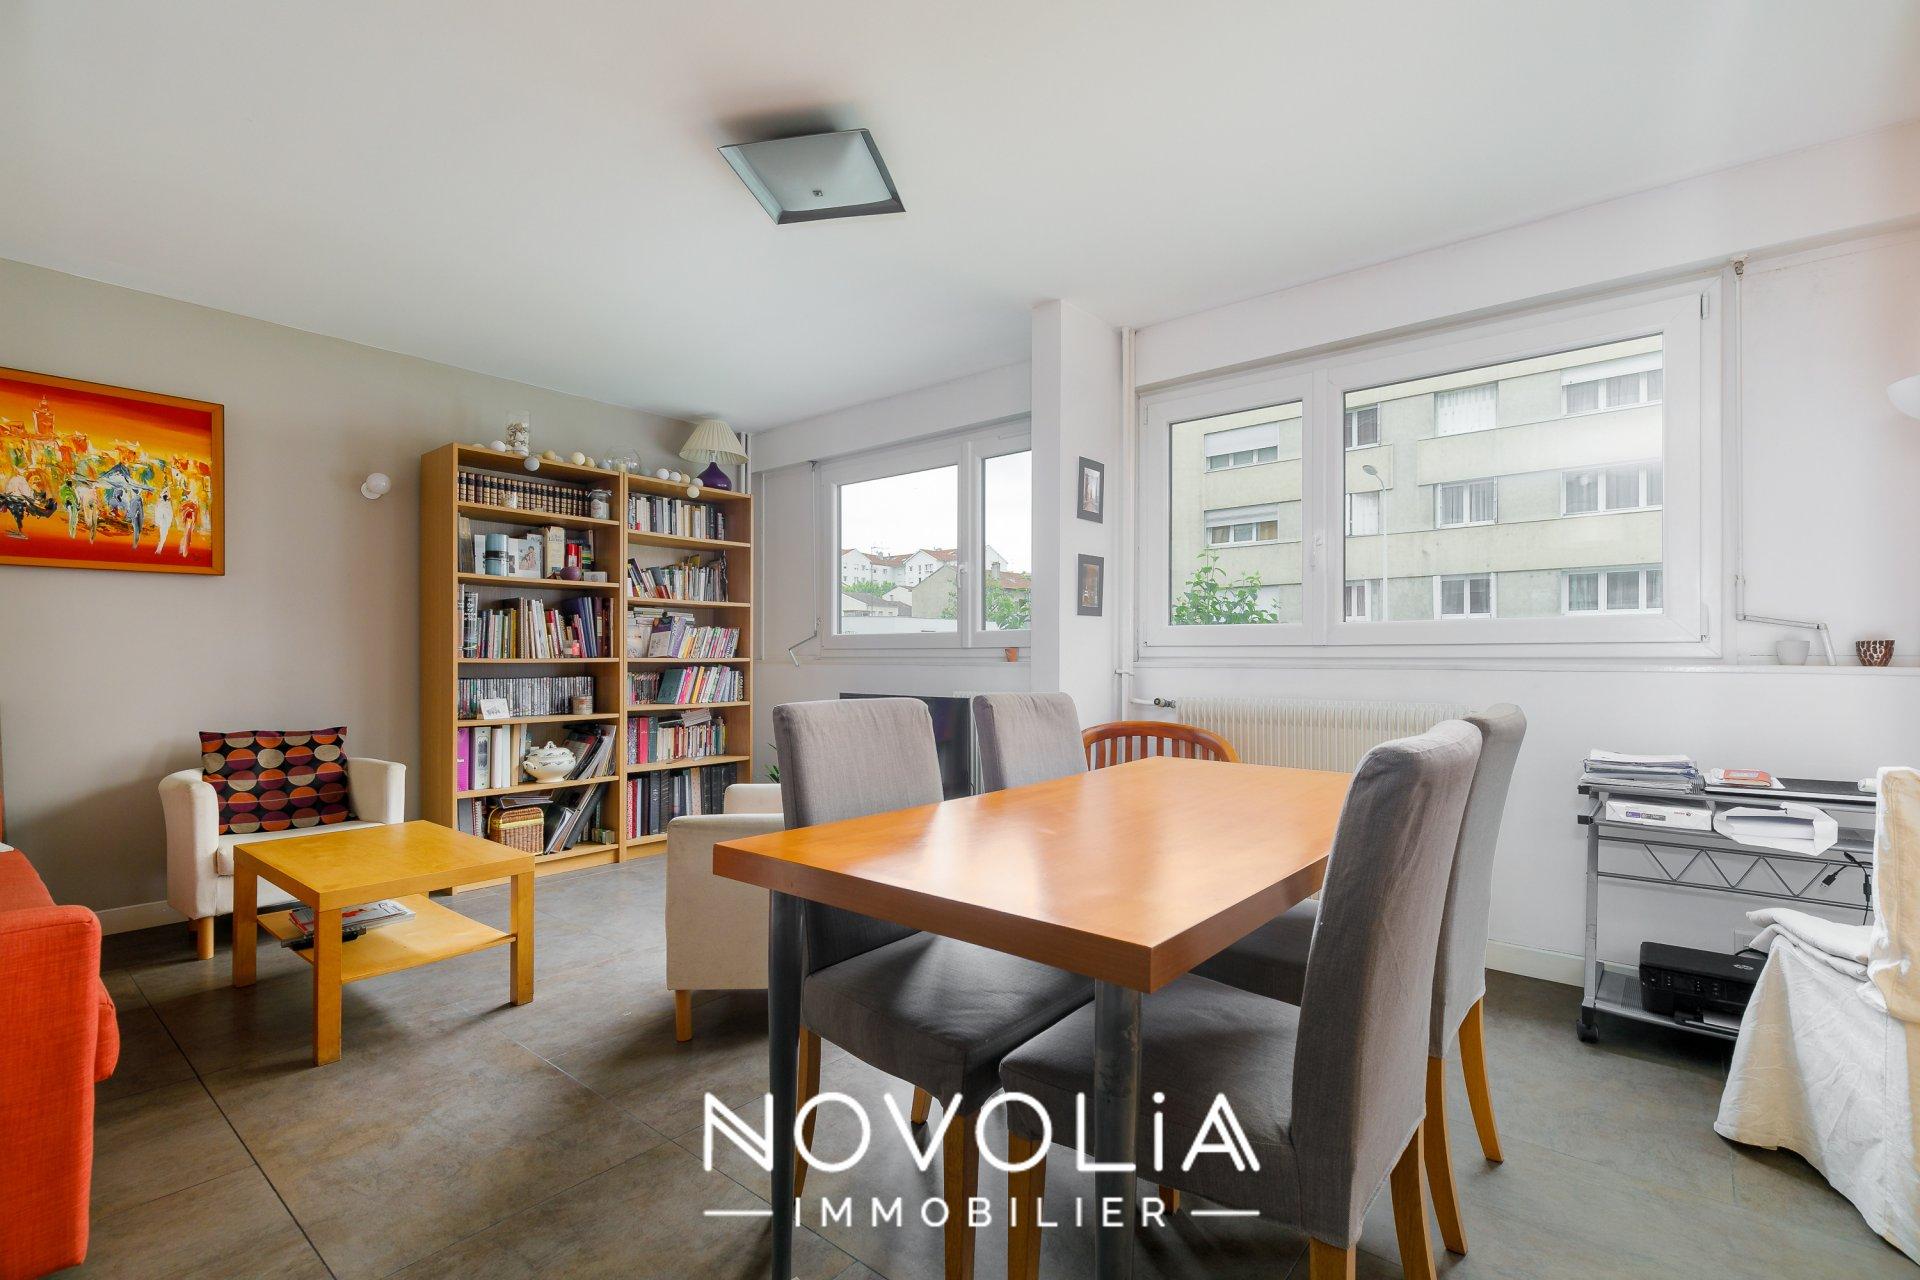 Achat Appartement, Surface de 95.77 m²/ Total carrez : 95.77 m², 5 pièces, Lyon 3ème (69003)